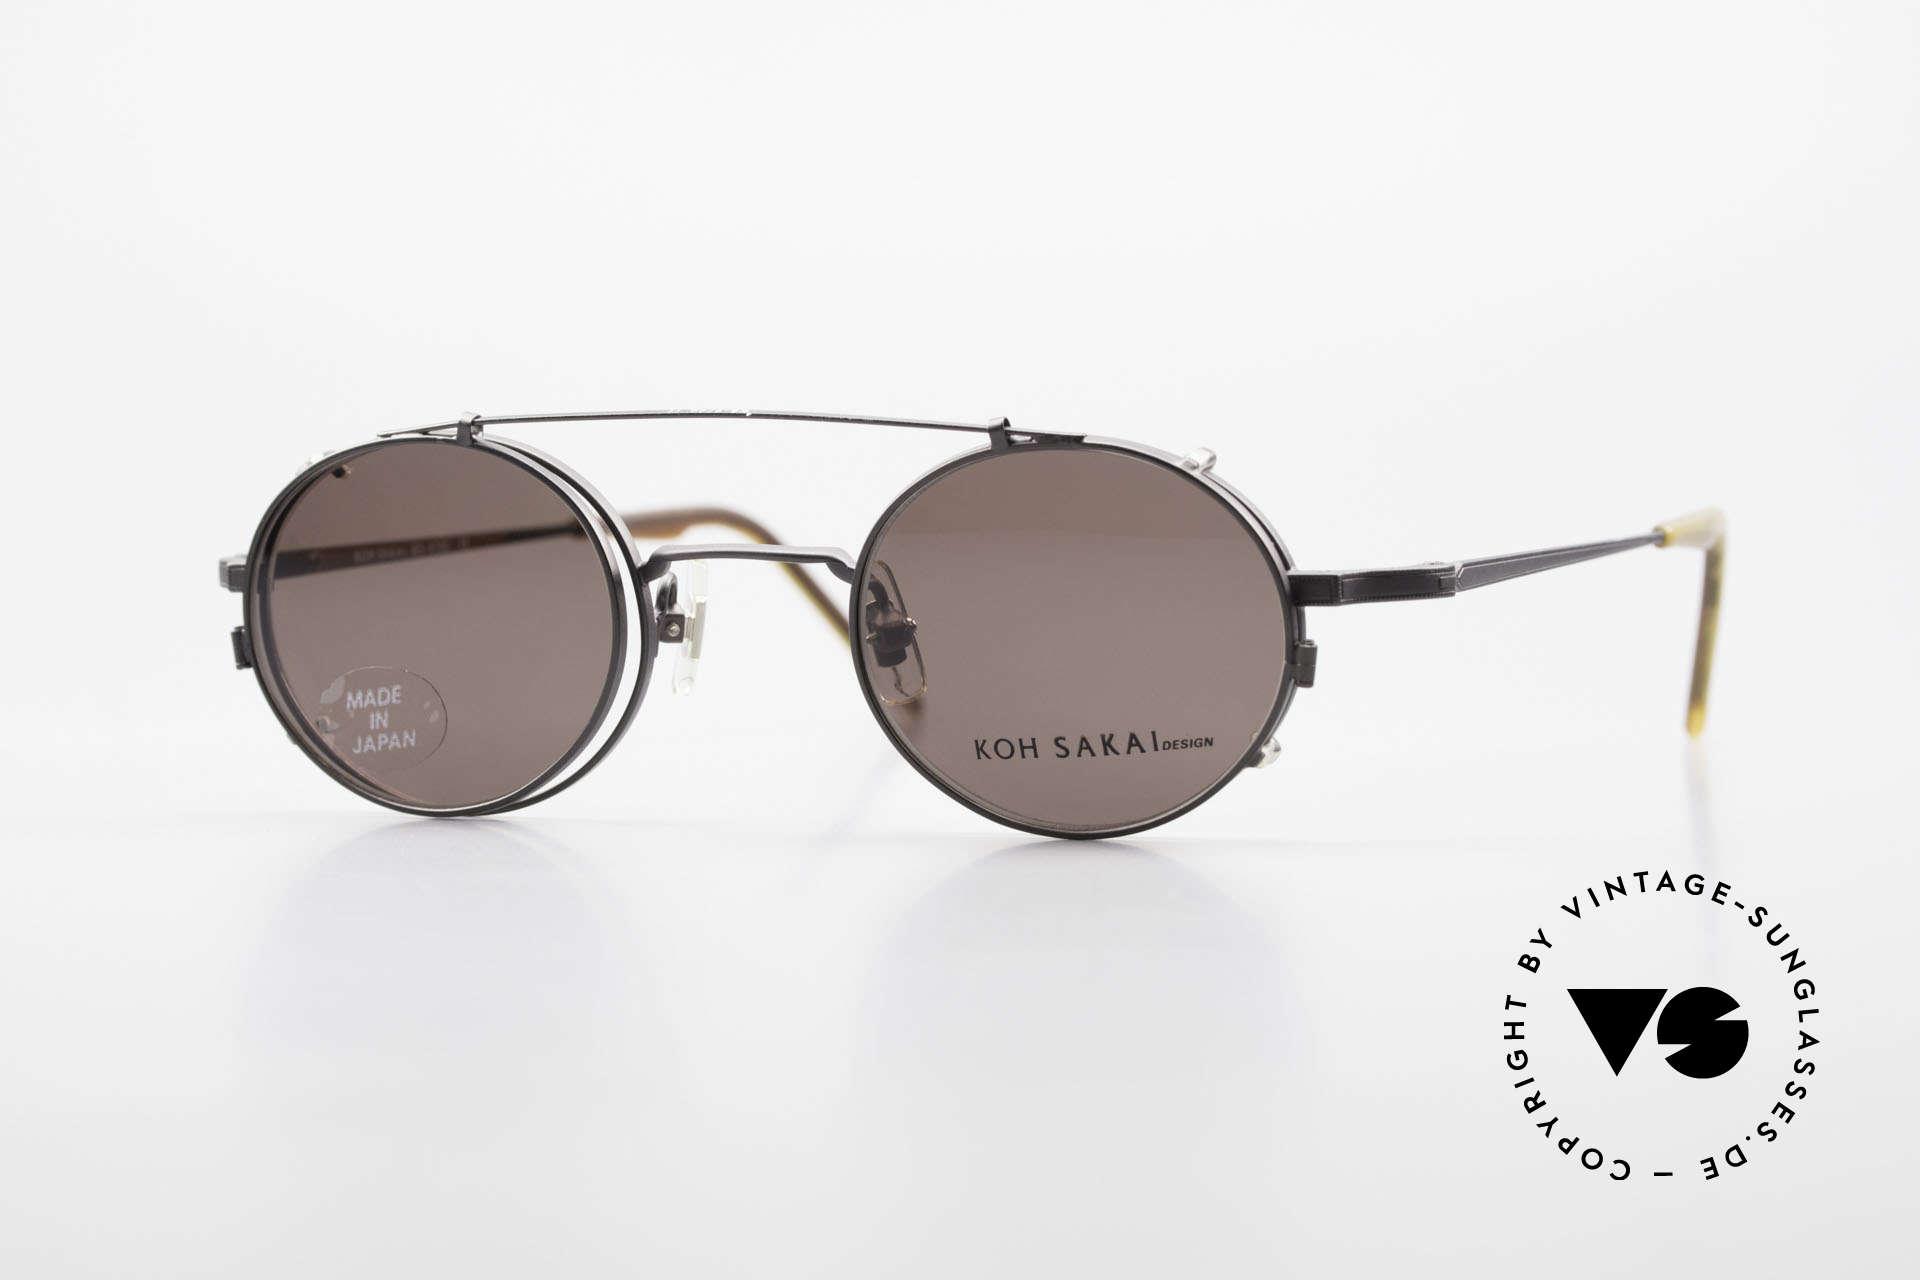 Koh Sakai KS9700 Runde Brille mit Sonnen-Clip, kleine, runde vintage Brille von Koh Sakai, Mod. 9700, Passend für Herren und Damen